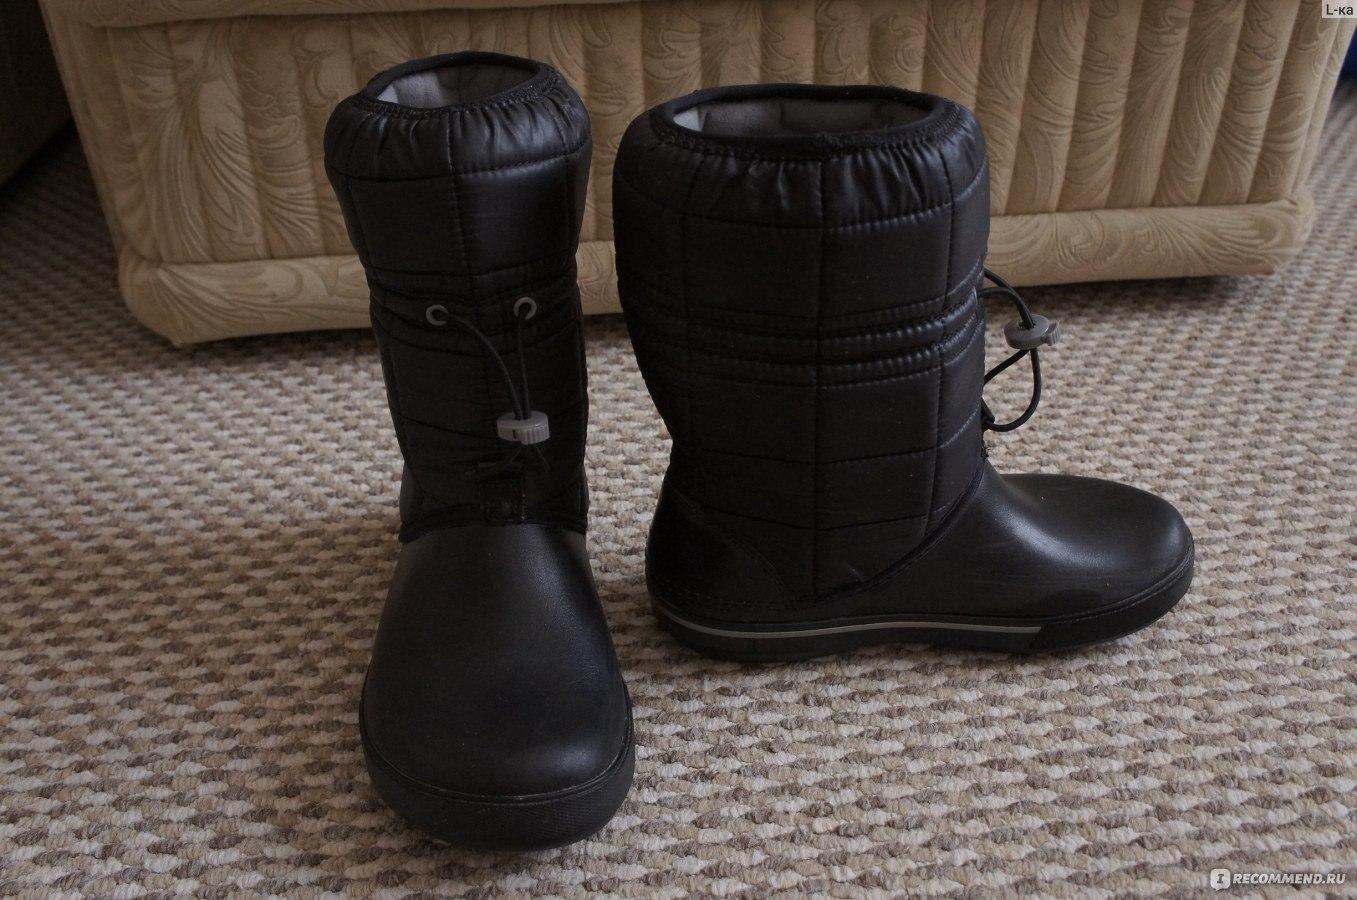 Зимние сапоги CROCS Women s Crocband Winter Boot - «Идеальный ... 5c0fc208fa6